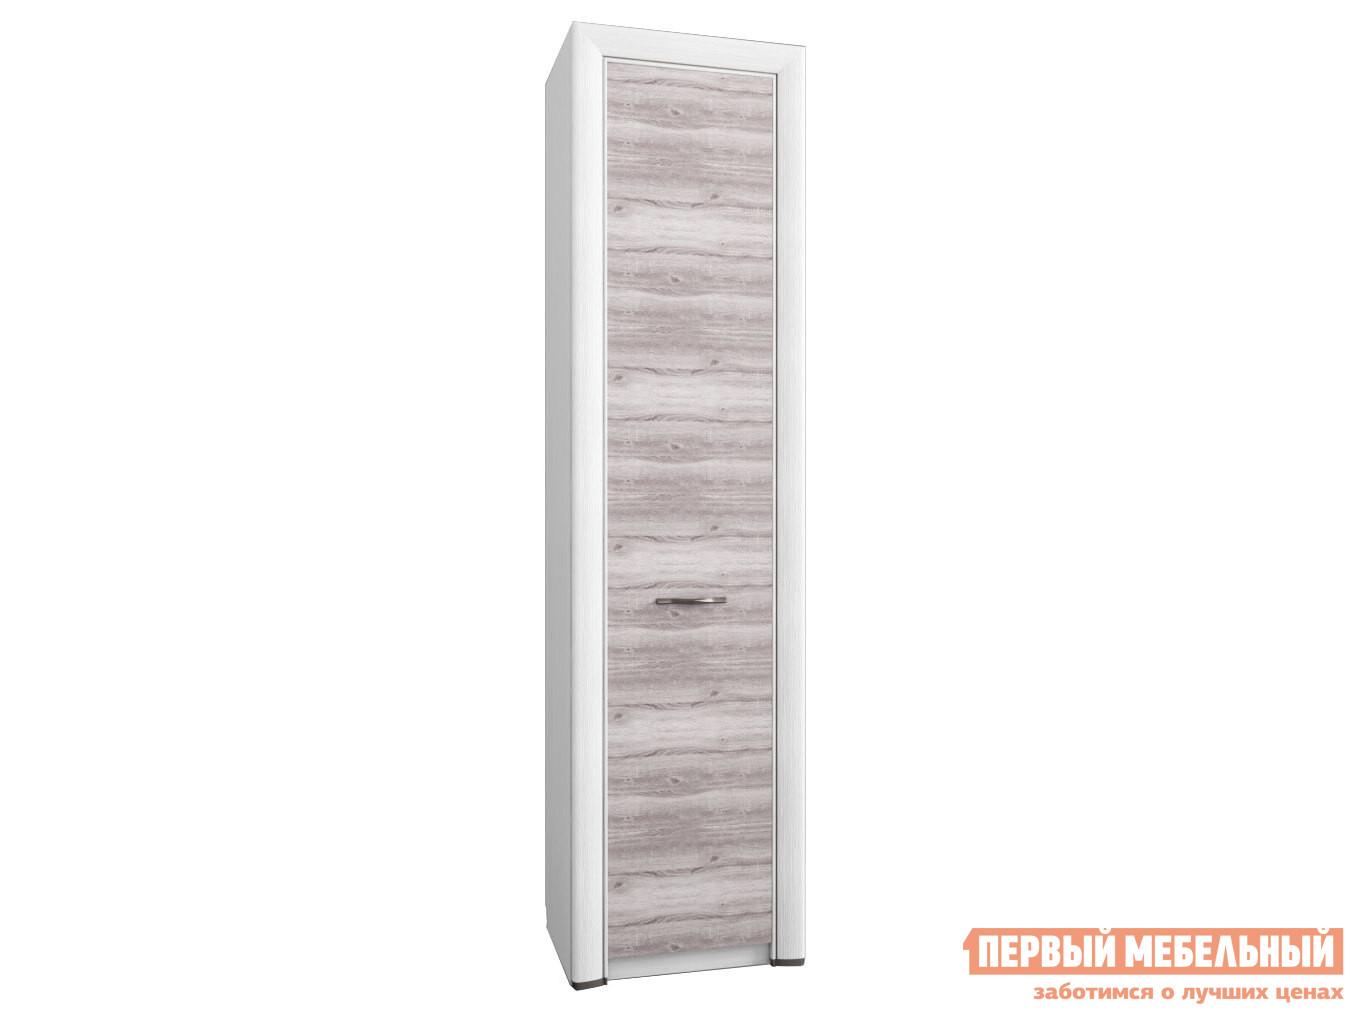 Шкаф-пенал Первый Мебельный Пенал Оливия 3 шкаф пенал первый мебельный пенал оскар 7 со штангой